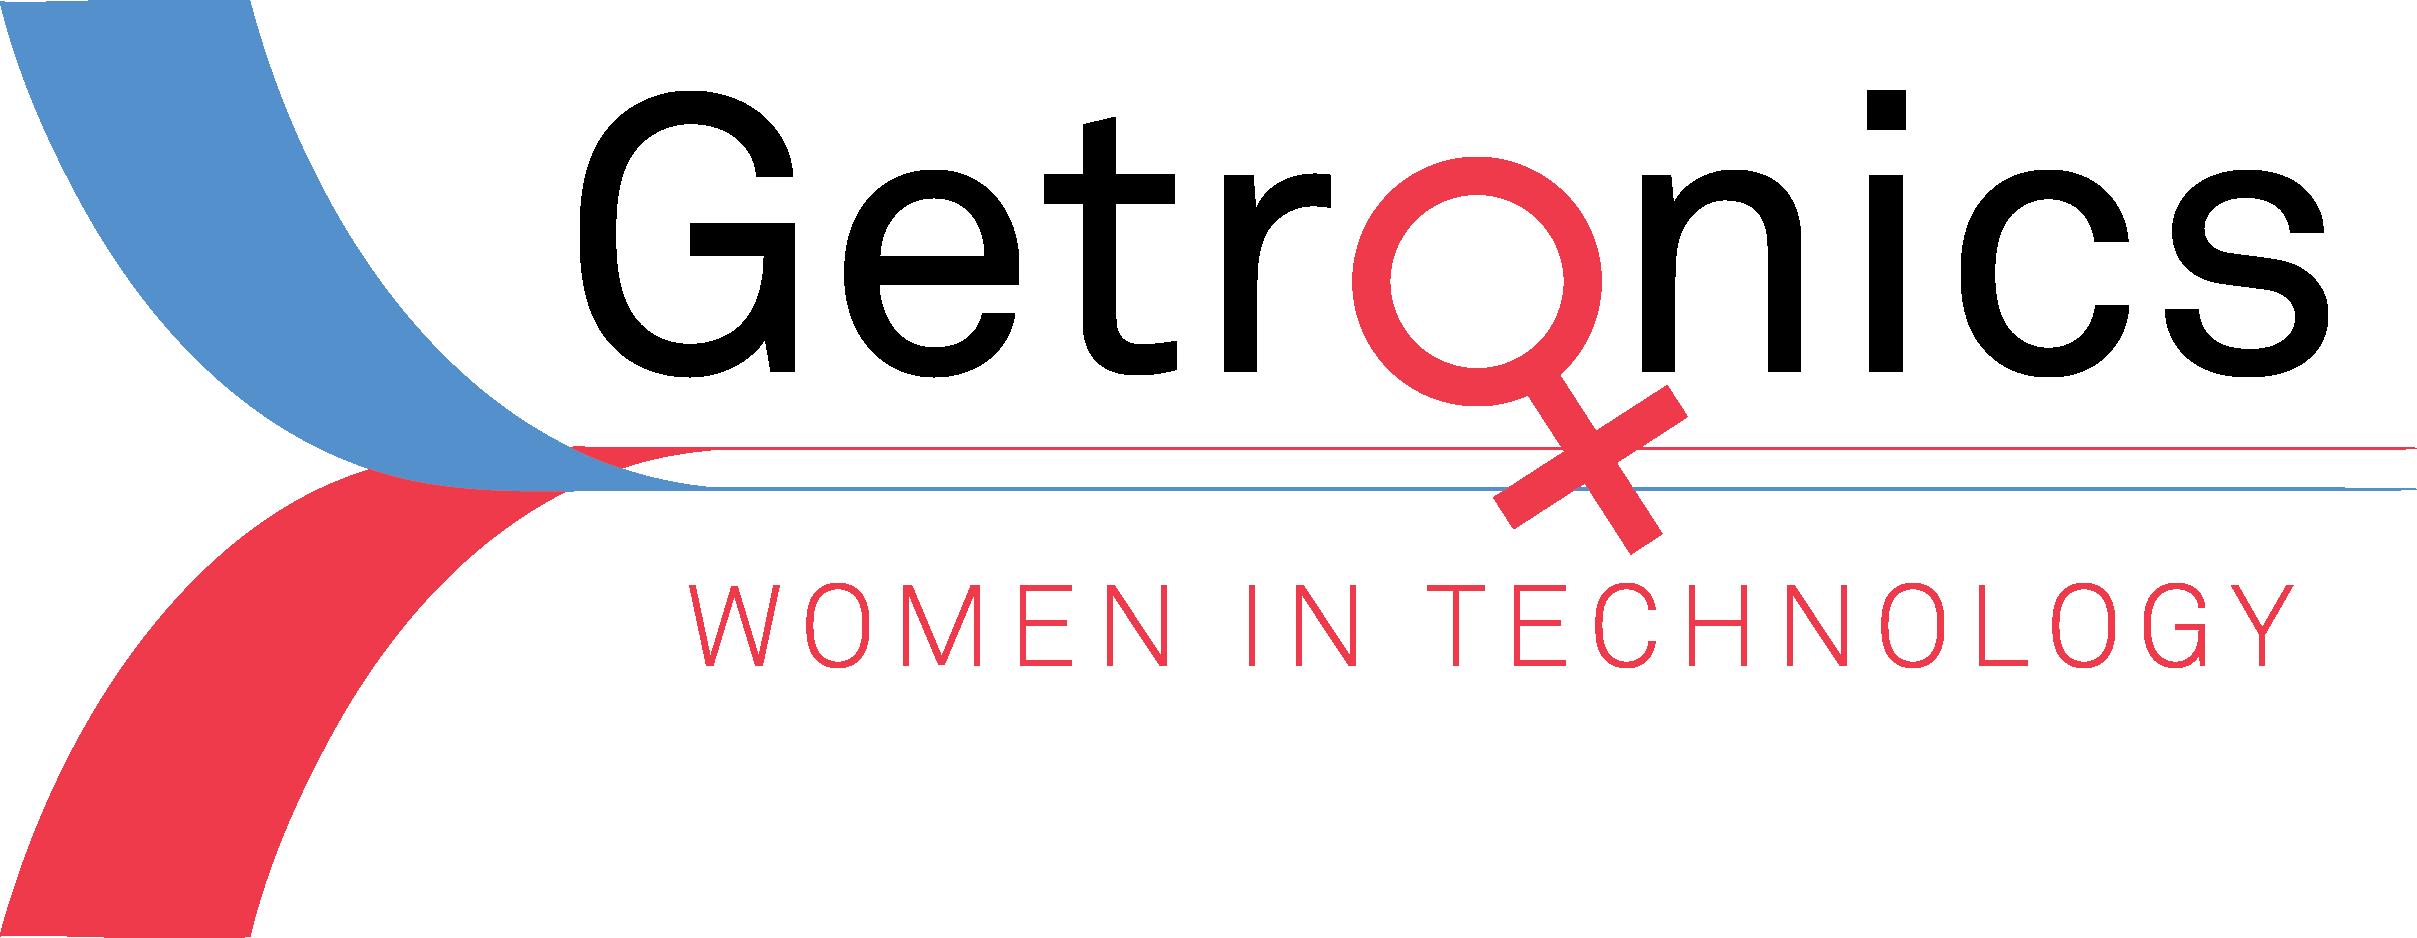 Getronics_WomenInTech_logo_final